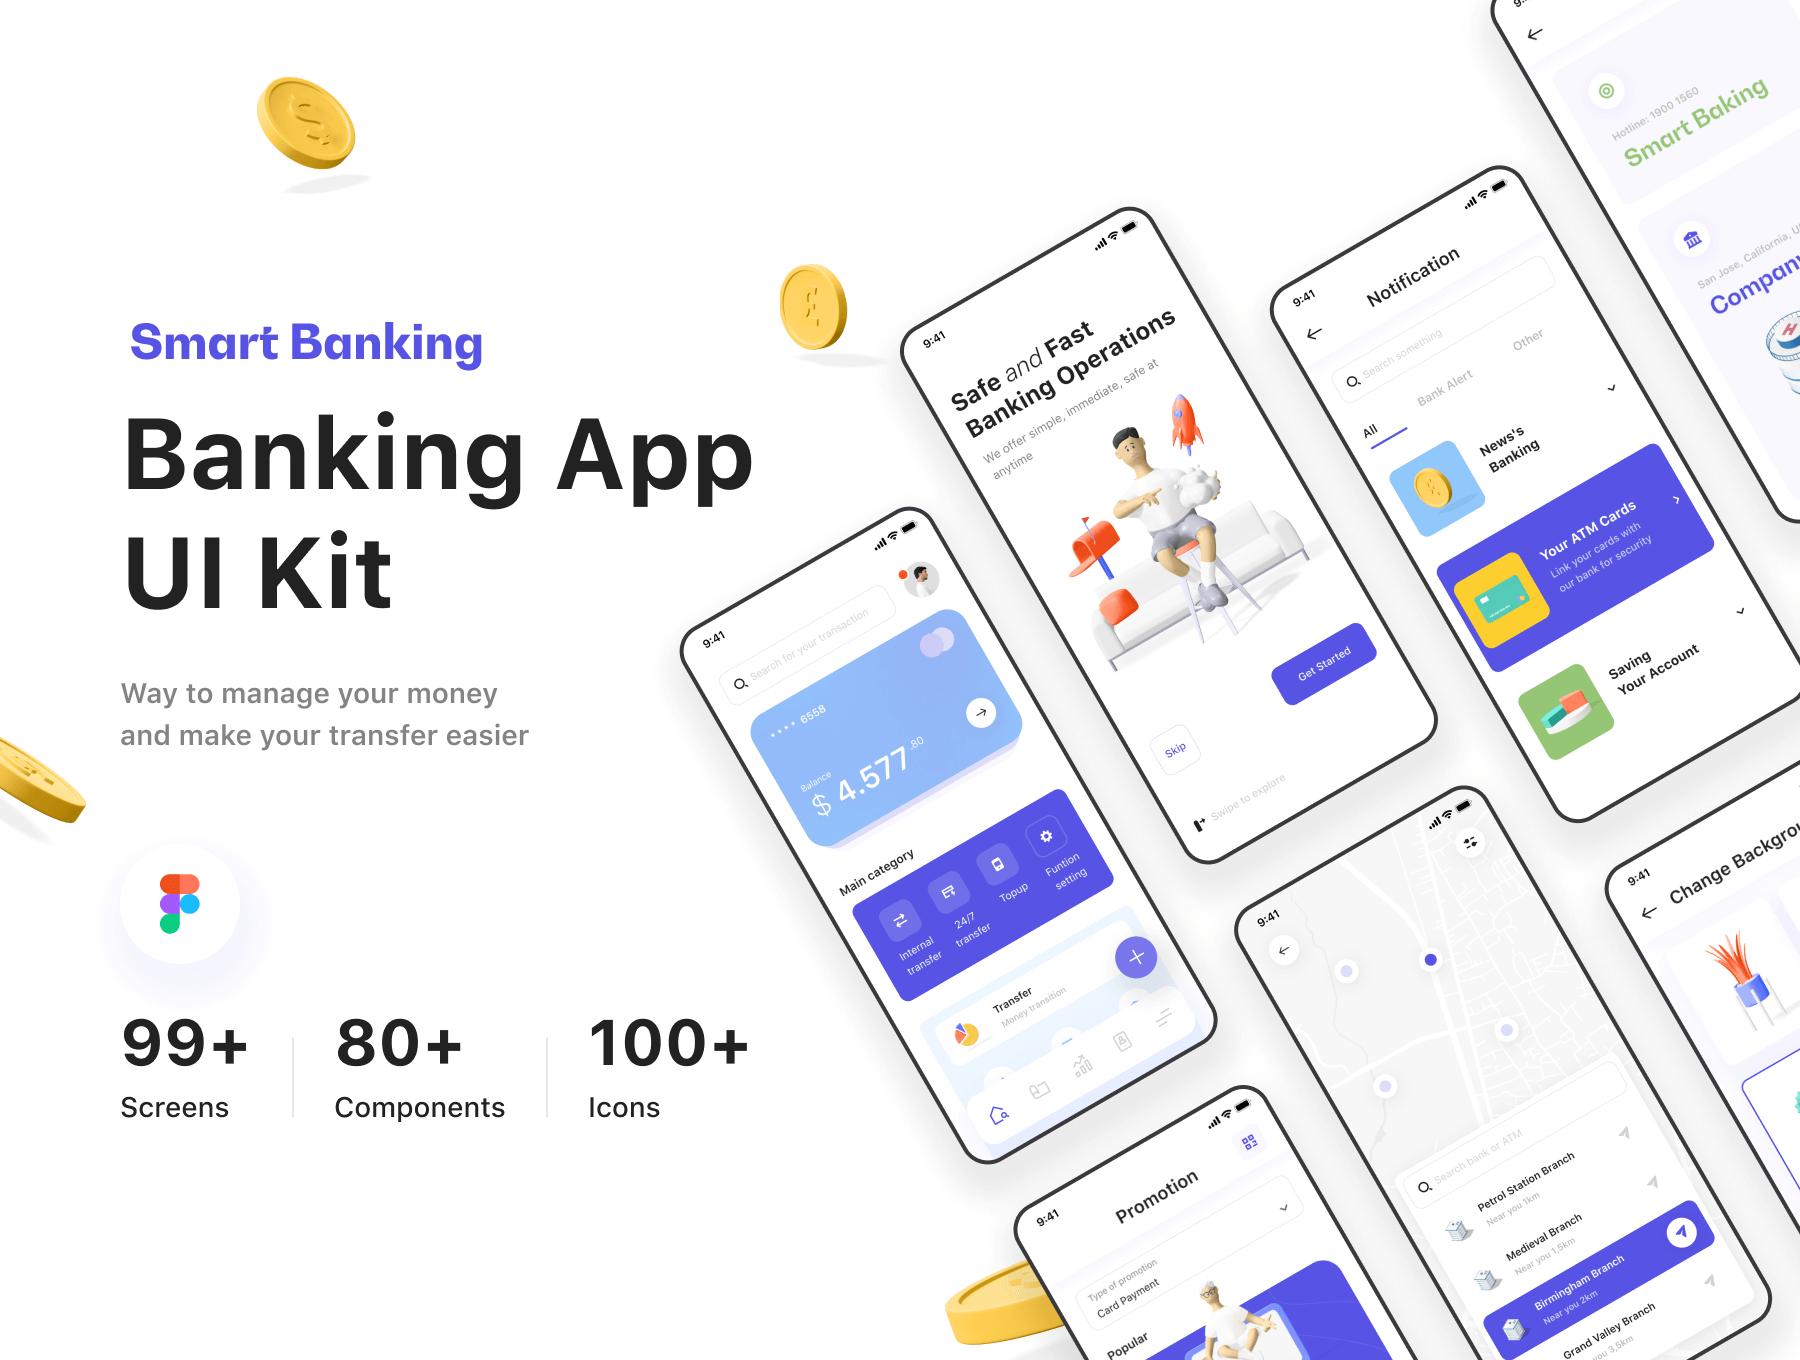 智能银行UI套件 财务管理解决方案 模版素材插图